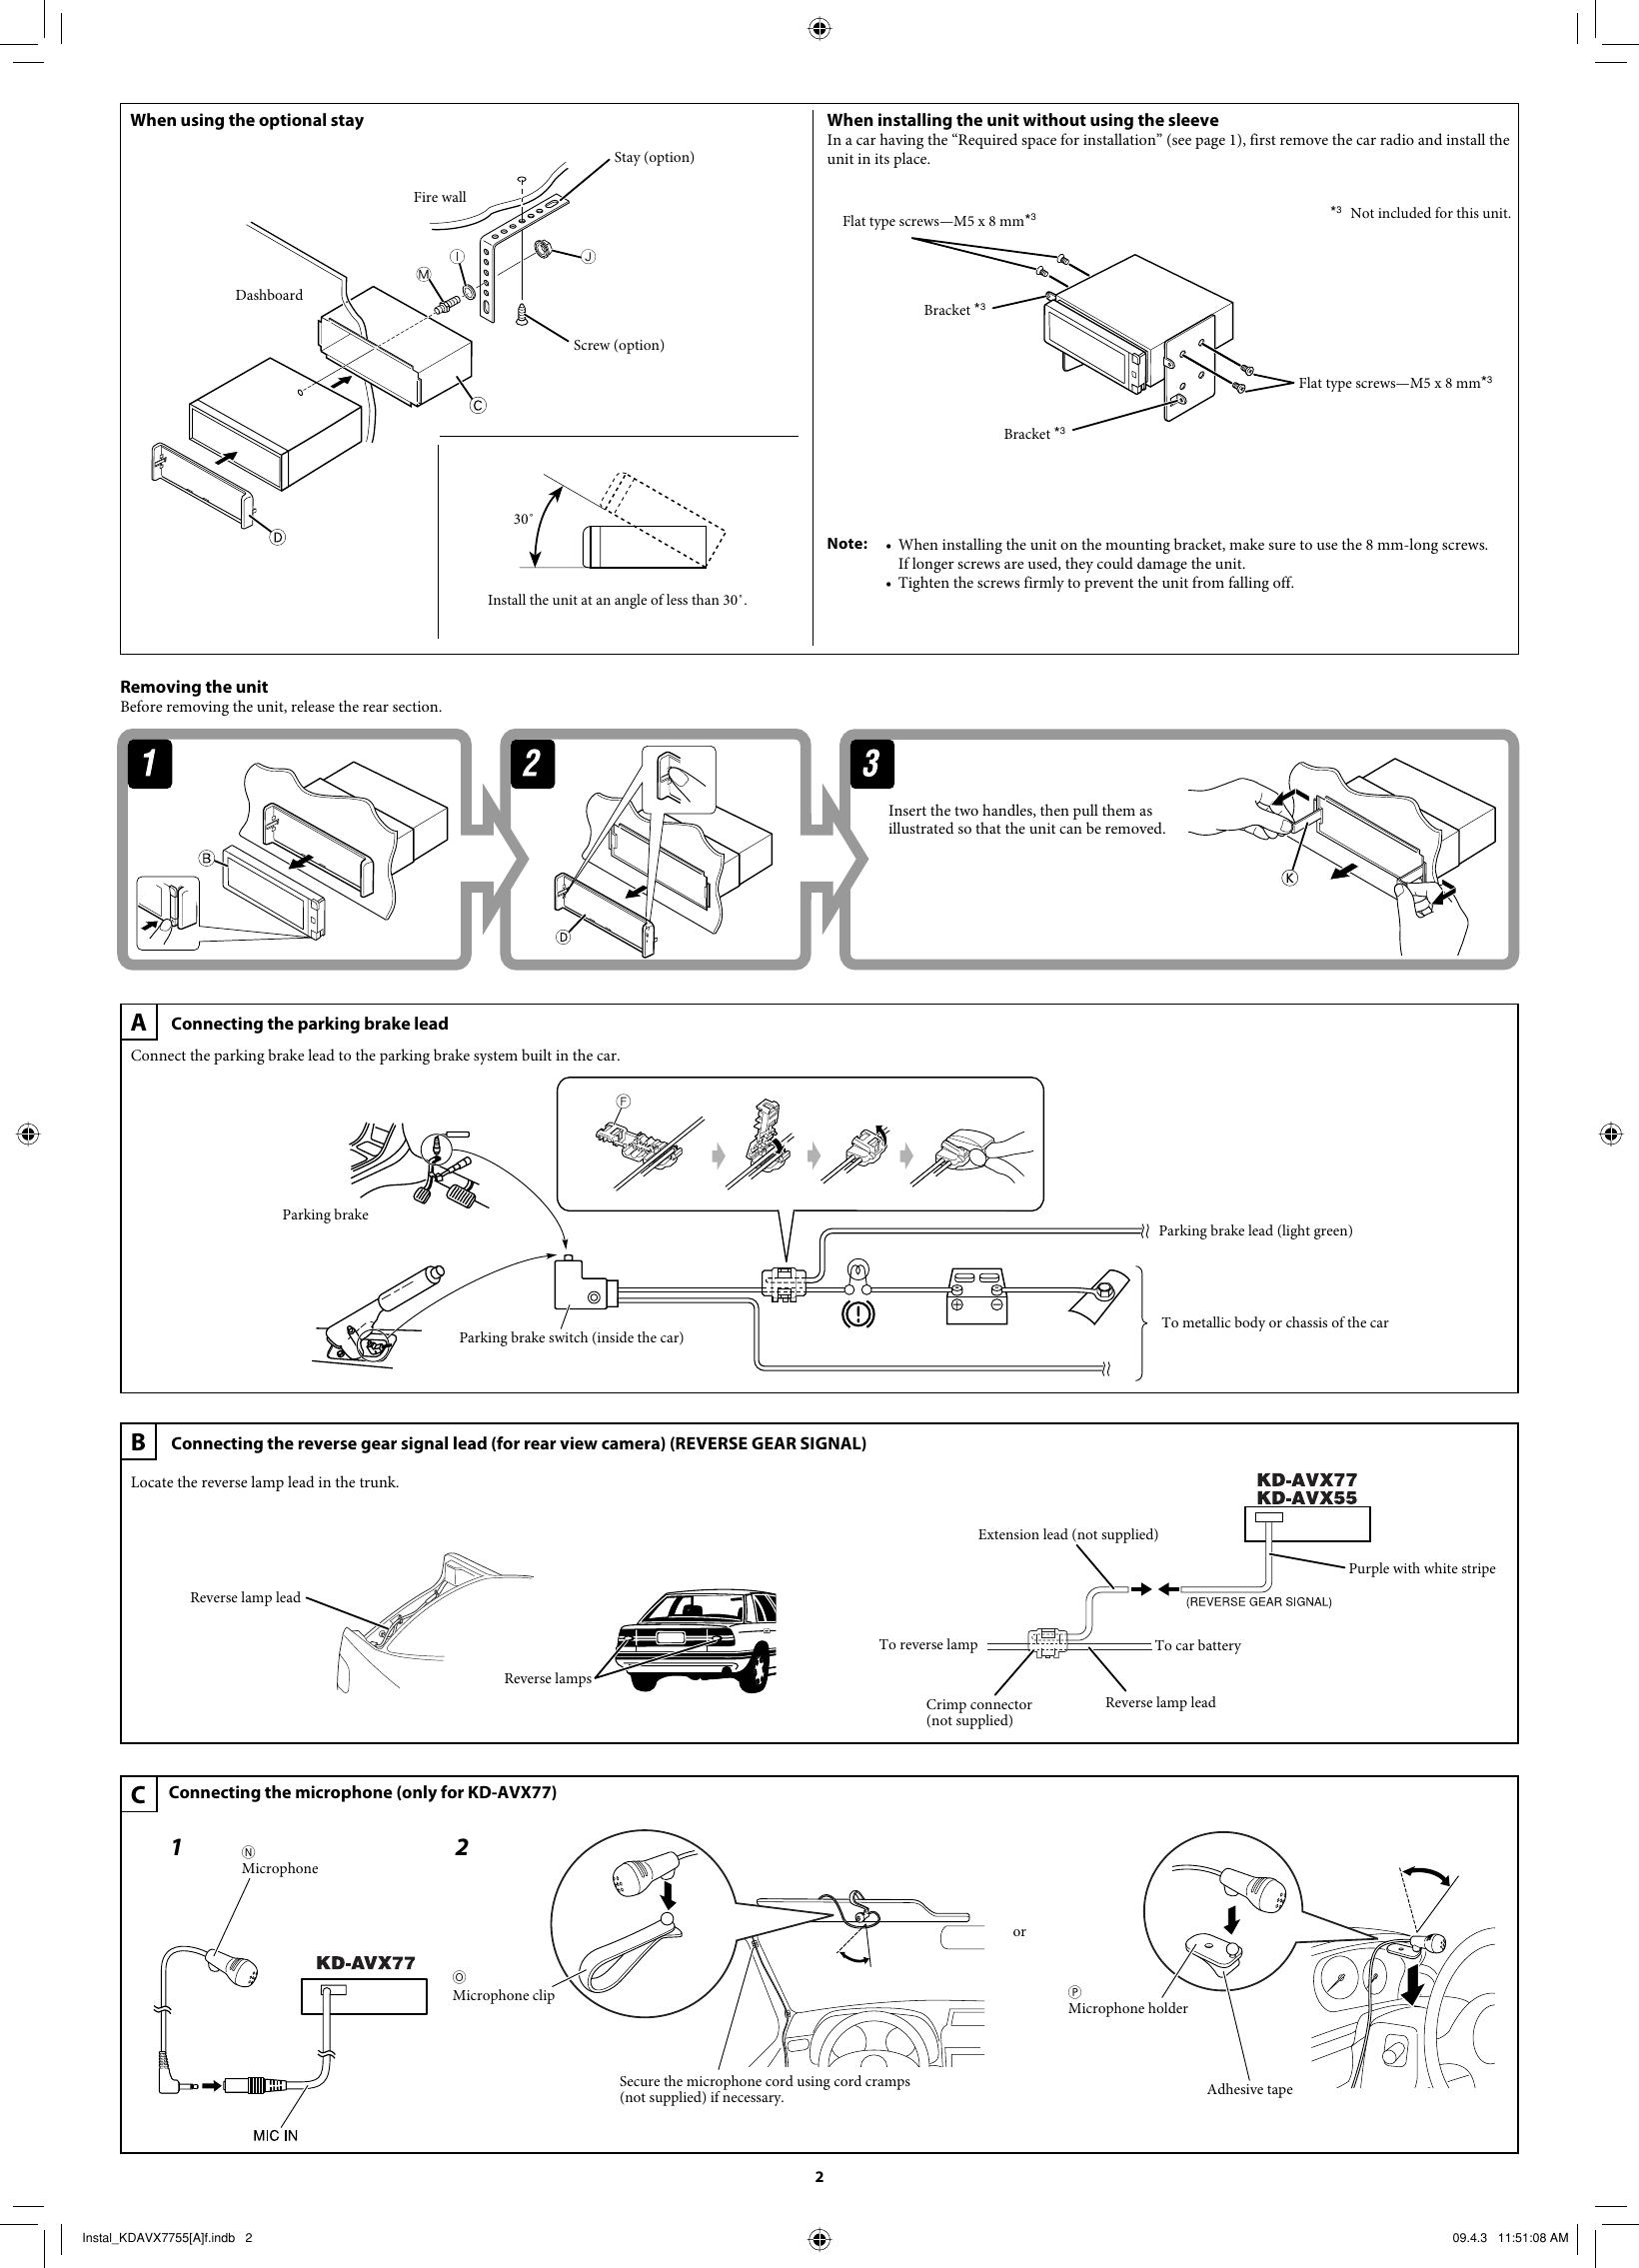 [DIAGRAM_38IS]  JVC KD AVX55A AVX77/KD AVX55 User Manual AVX55A, AVX77A LVT1938 012A | Jvc Kd Avx77 Wiring Diagram |  | UserManual.wiki